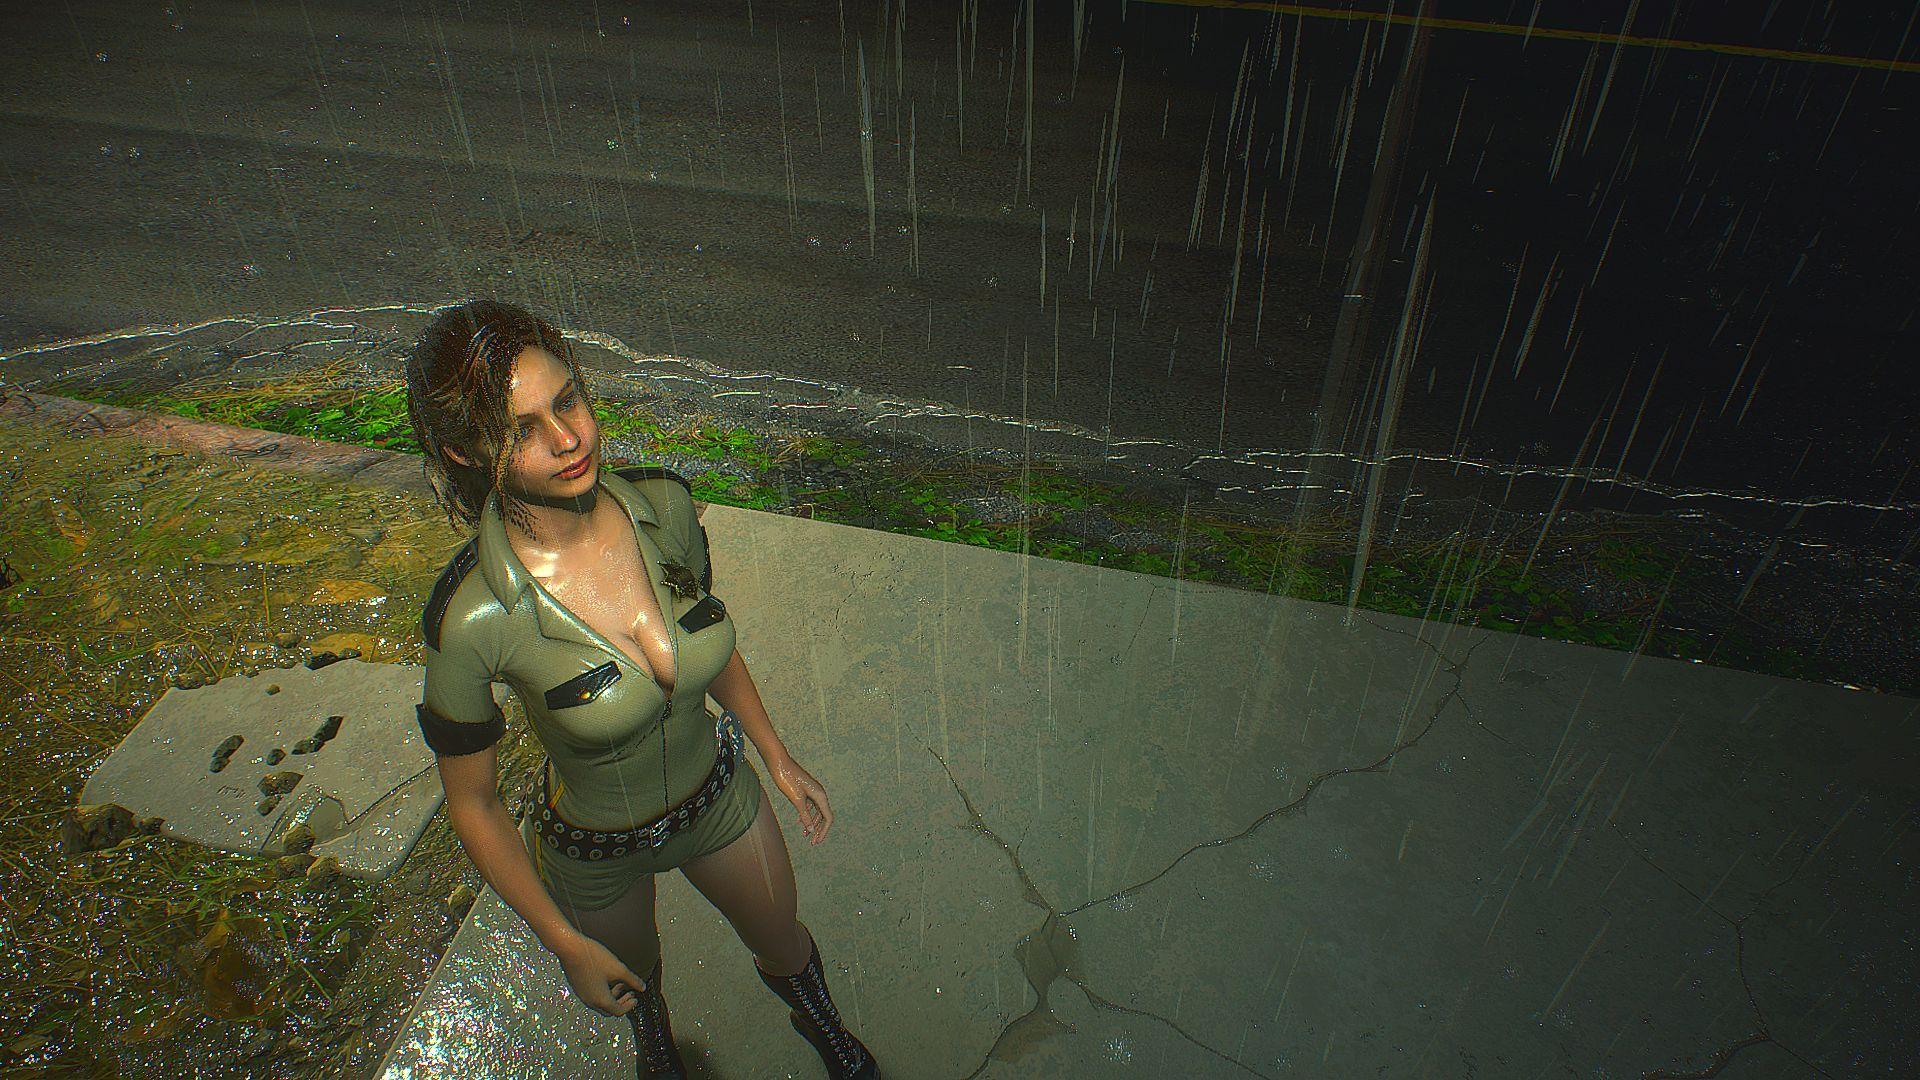 001206.Jpg - Resident Evil 2